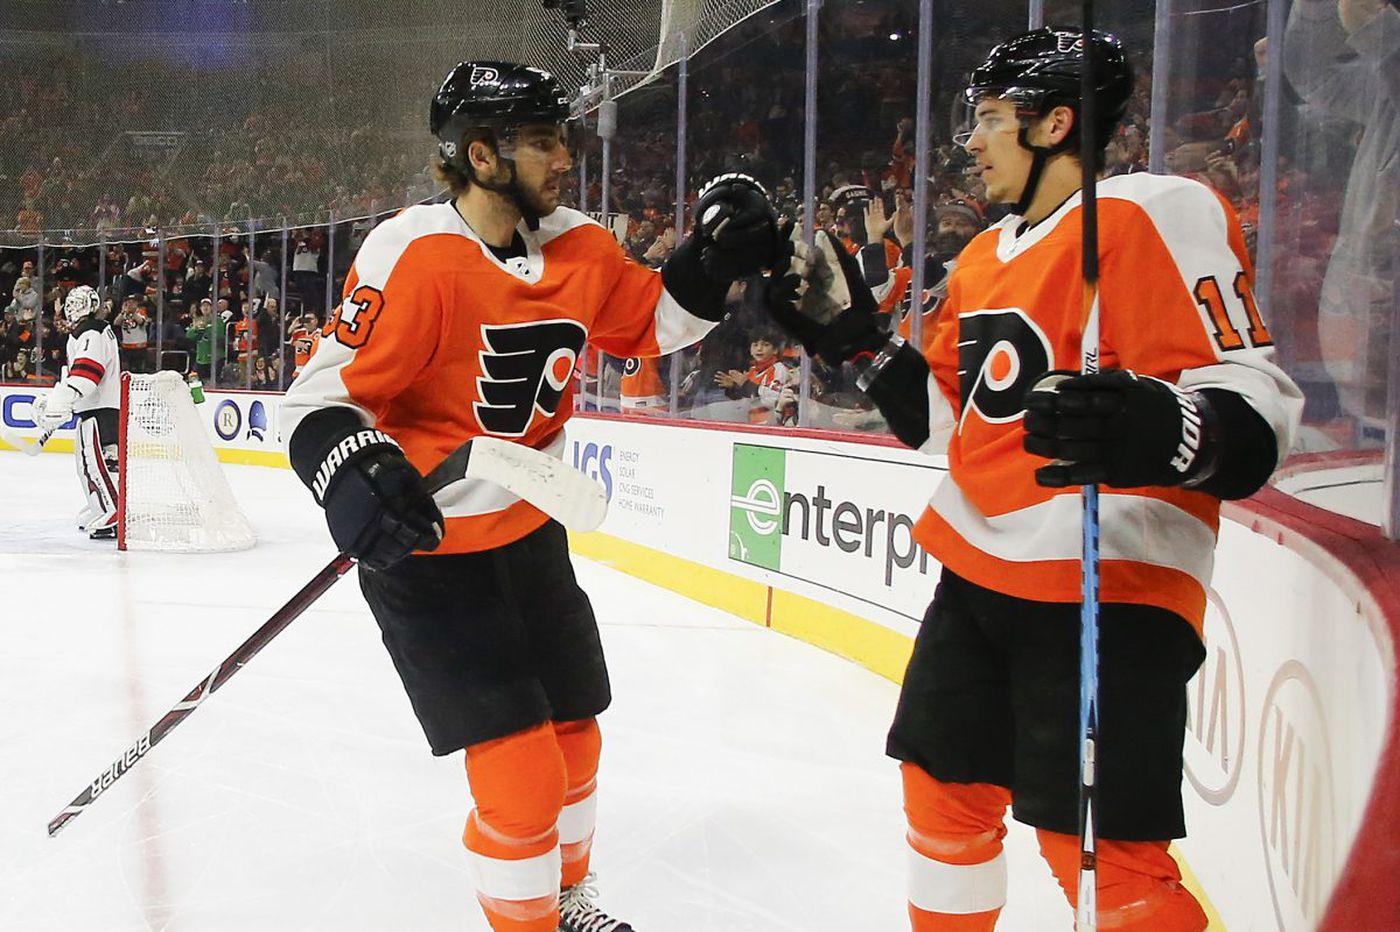 Soaring Flyers take winning streak to Detroit